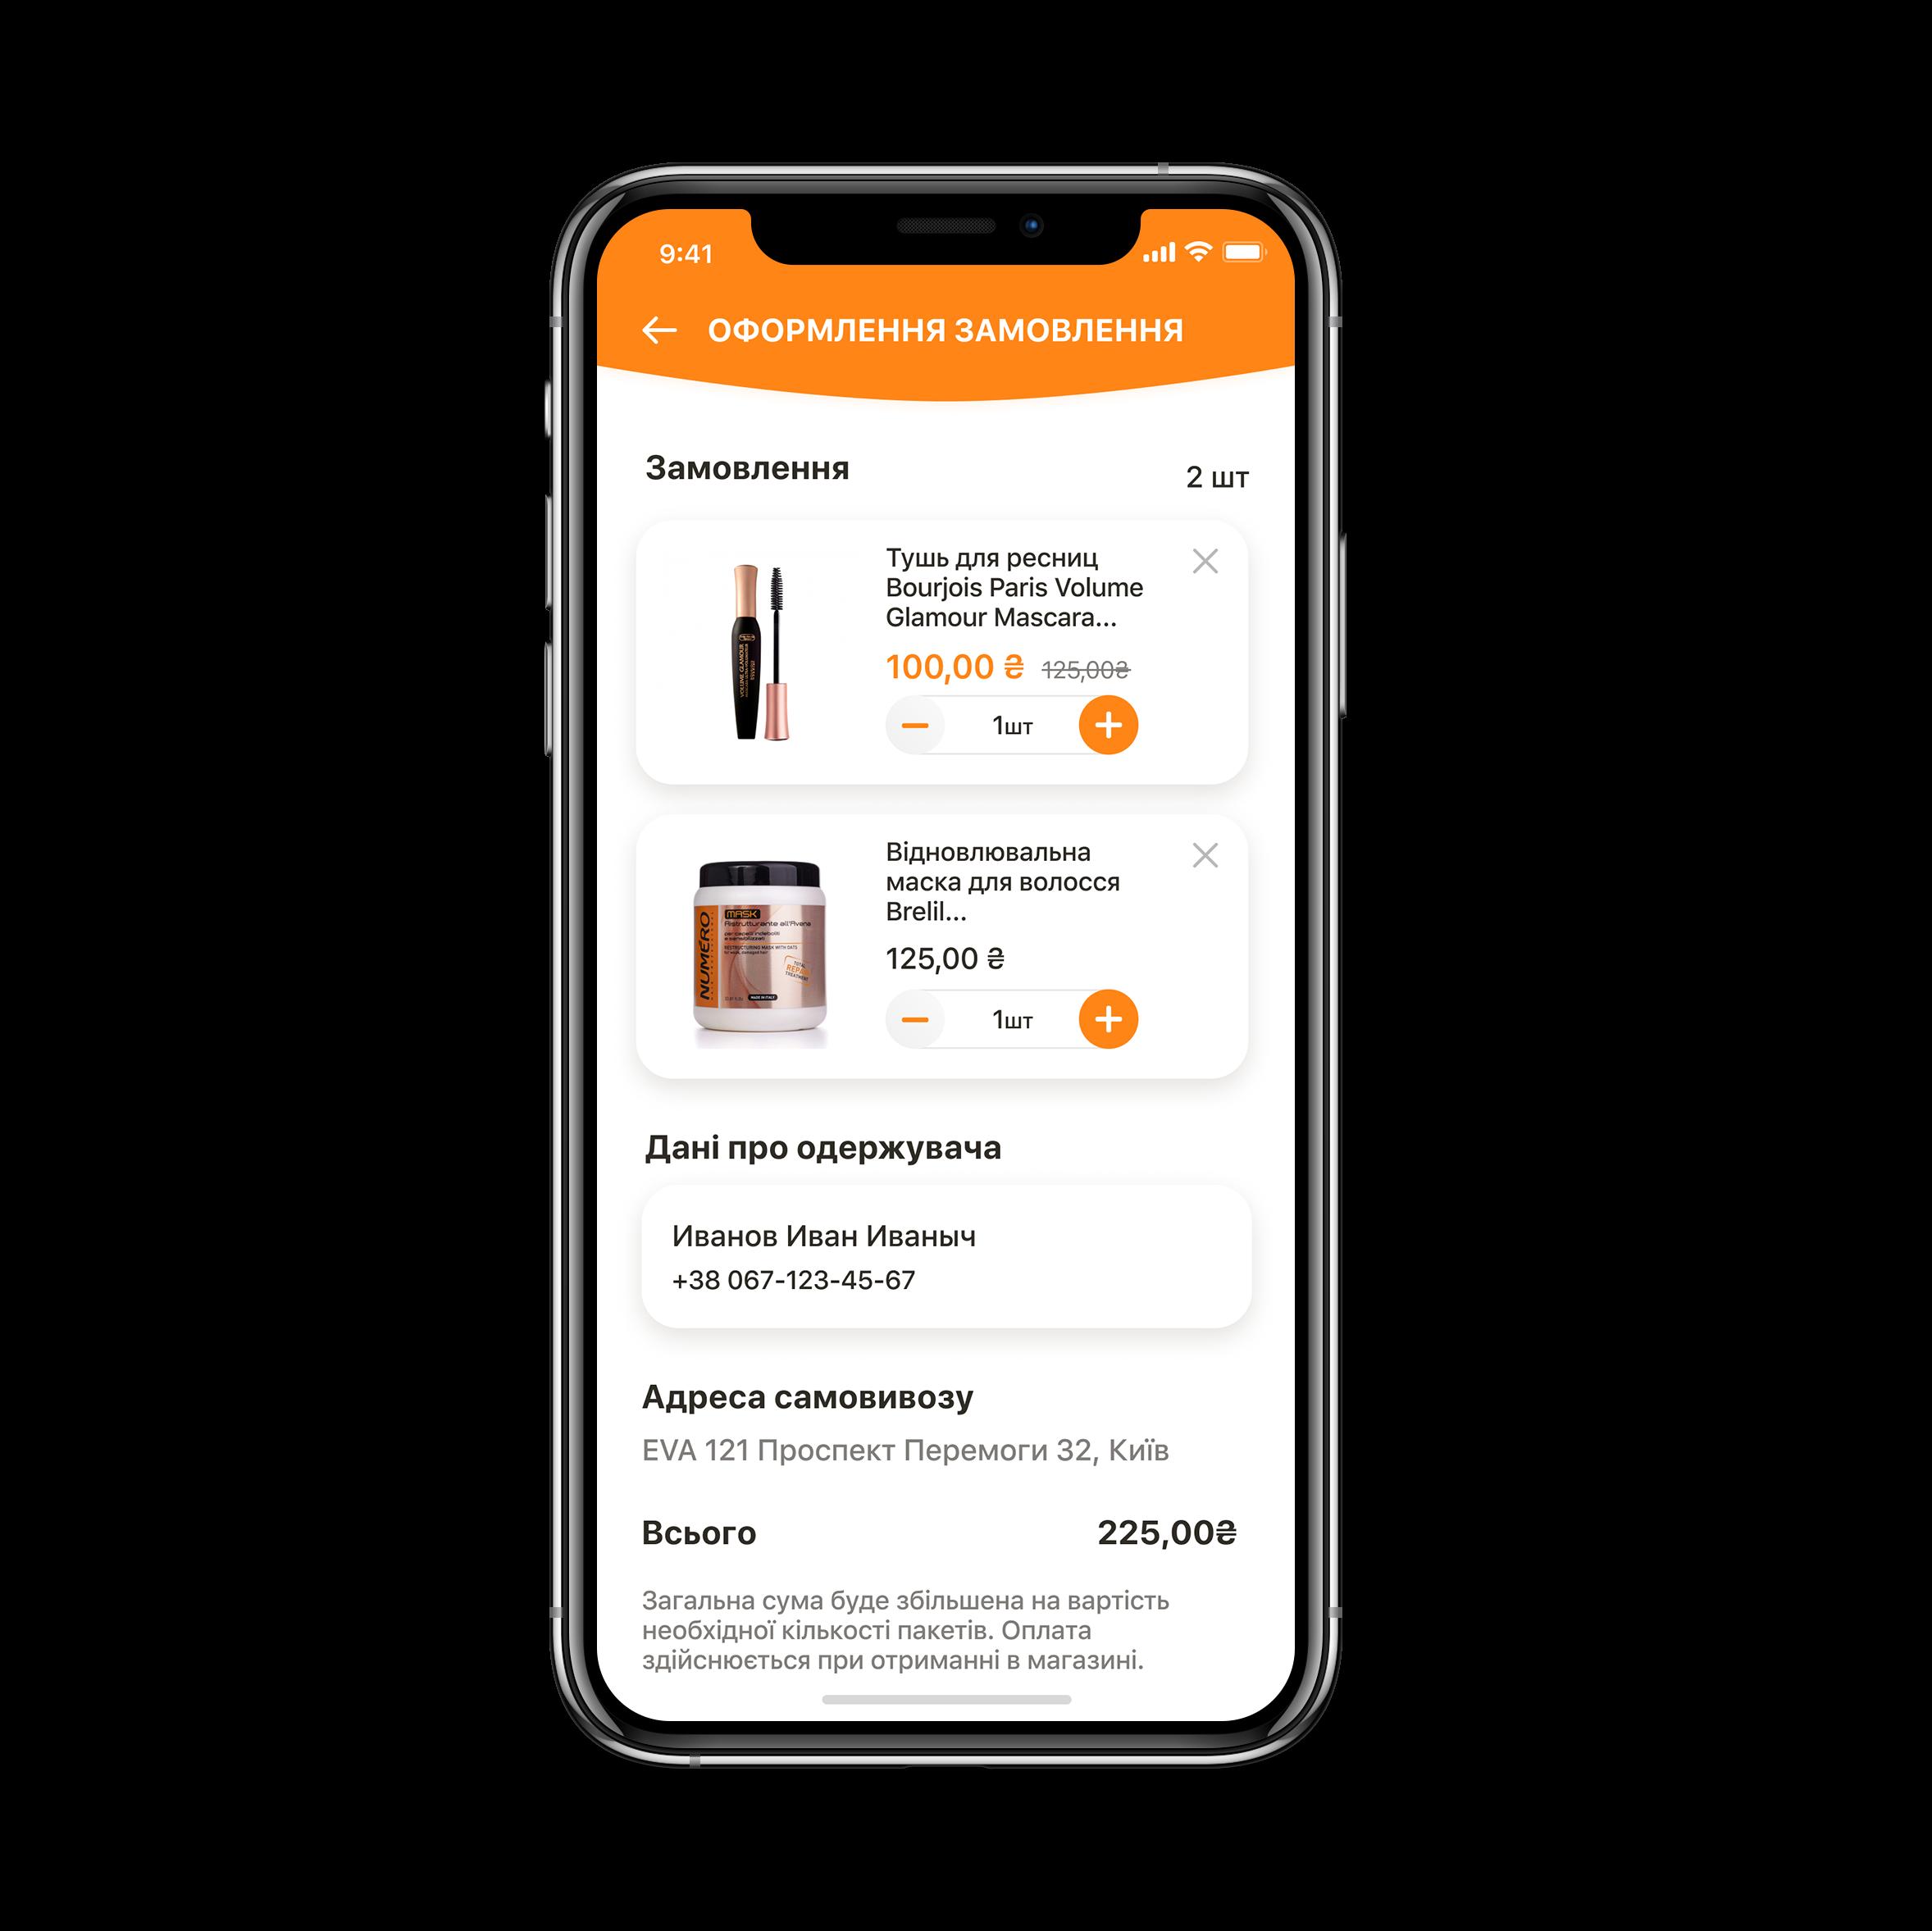 """Безопасный шопинг вместе с EVA: что такое сервис """"EVA клик"""" и как он работает"""